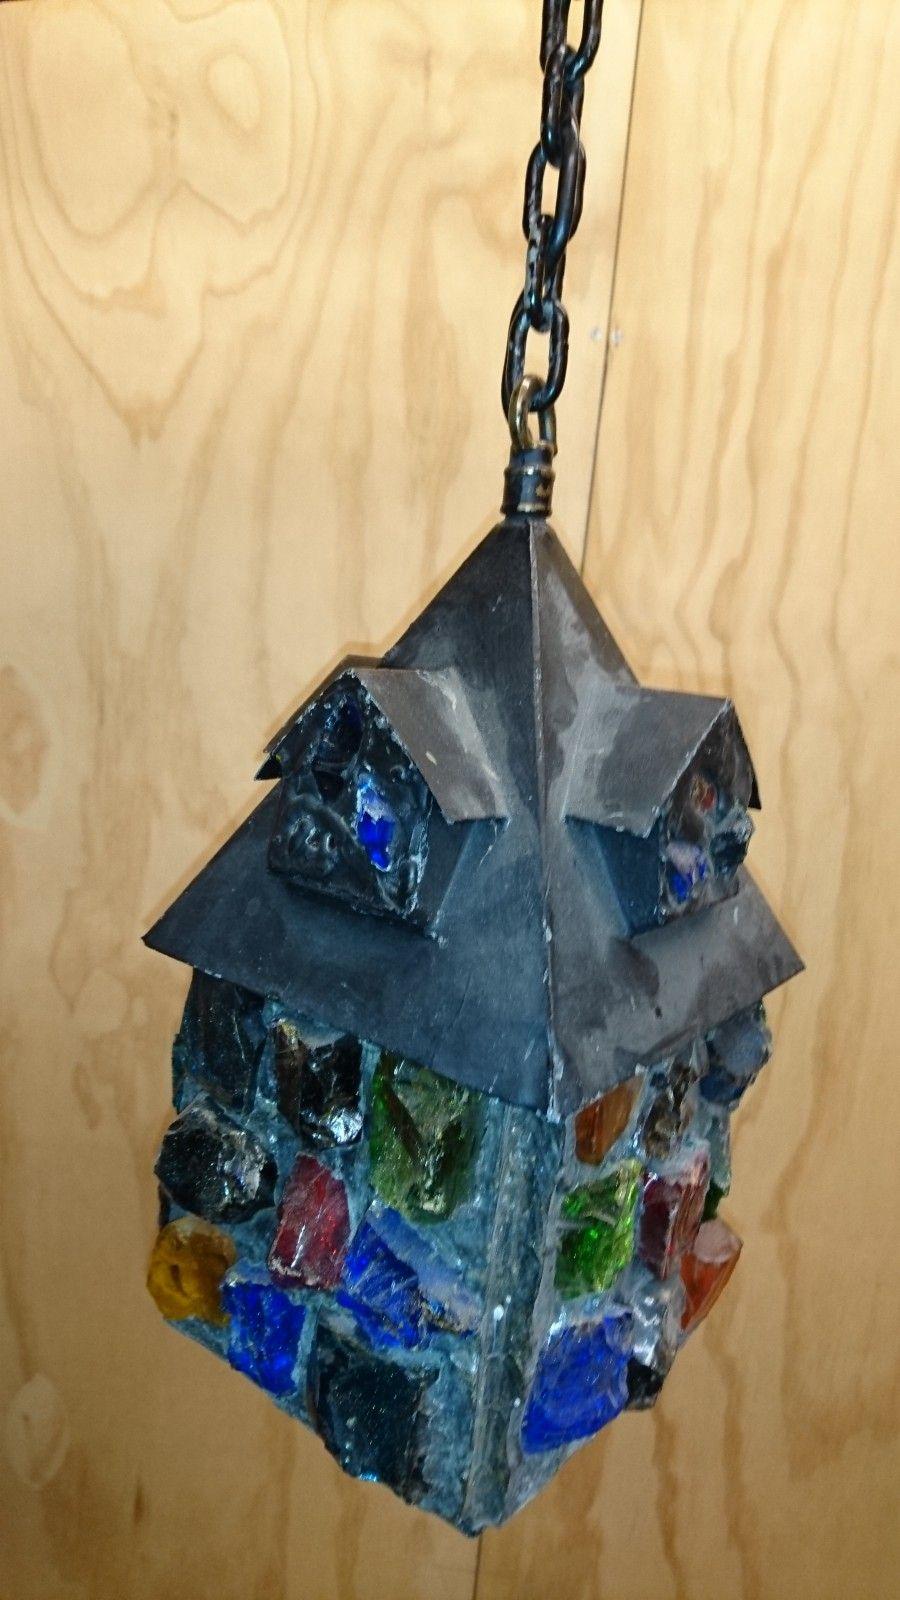 Lampe i jern med fargerike glassdetaljer - Oslo  - Spesiell og og morsom lampe i jern med fargerike glassdetaljer.  Dette er ikke en masseprdusert lampe, kanskje er den til og med unik.  Lampen er ment for bruk på terasse, altan, balkong eller lignende. Lampen - Oslo